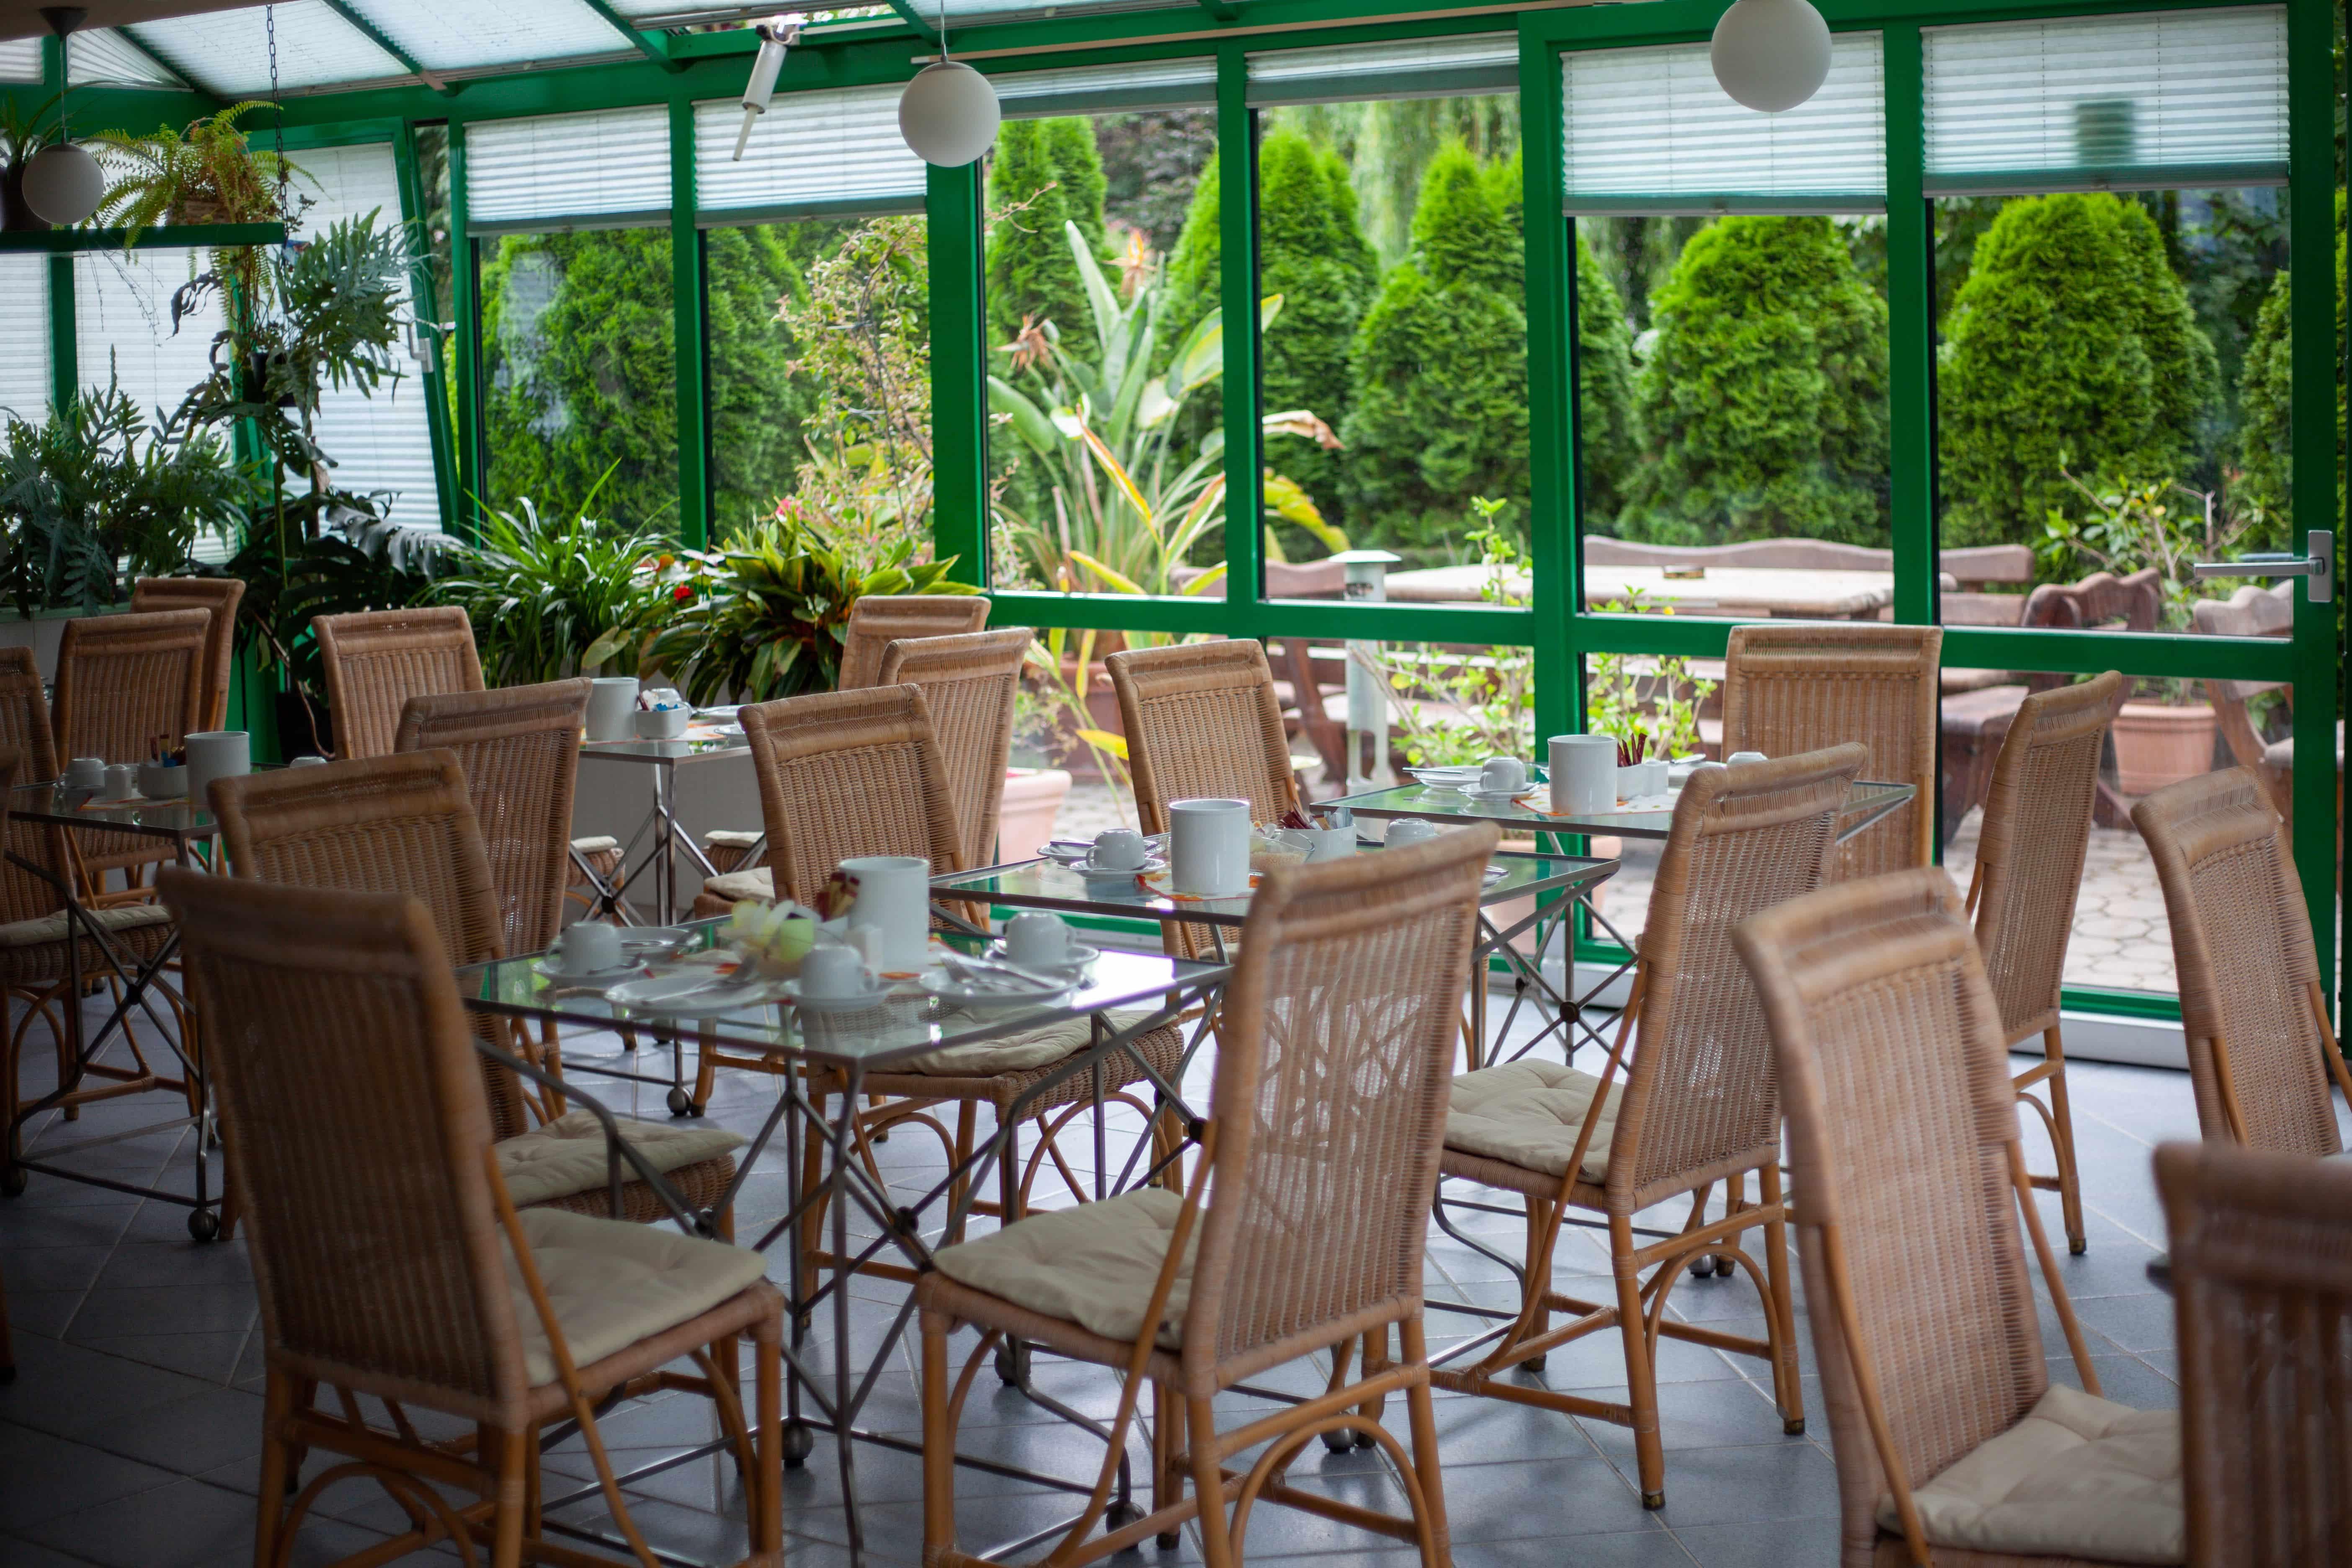 wintergarten hotel landsberg halle leipzig saalekreis 4